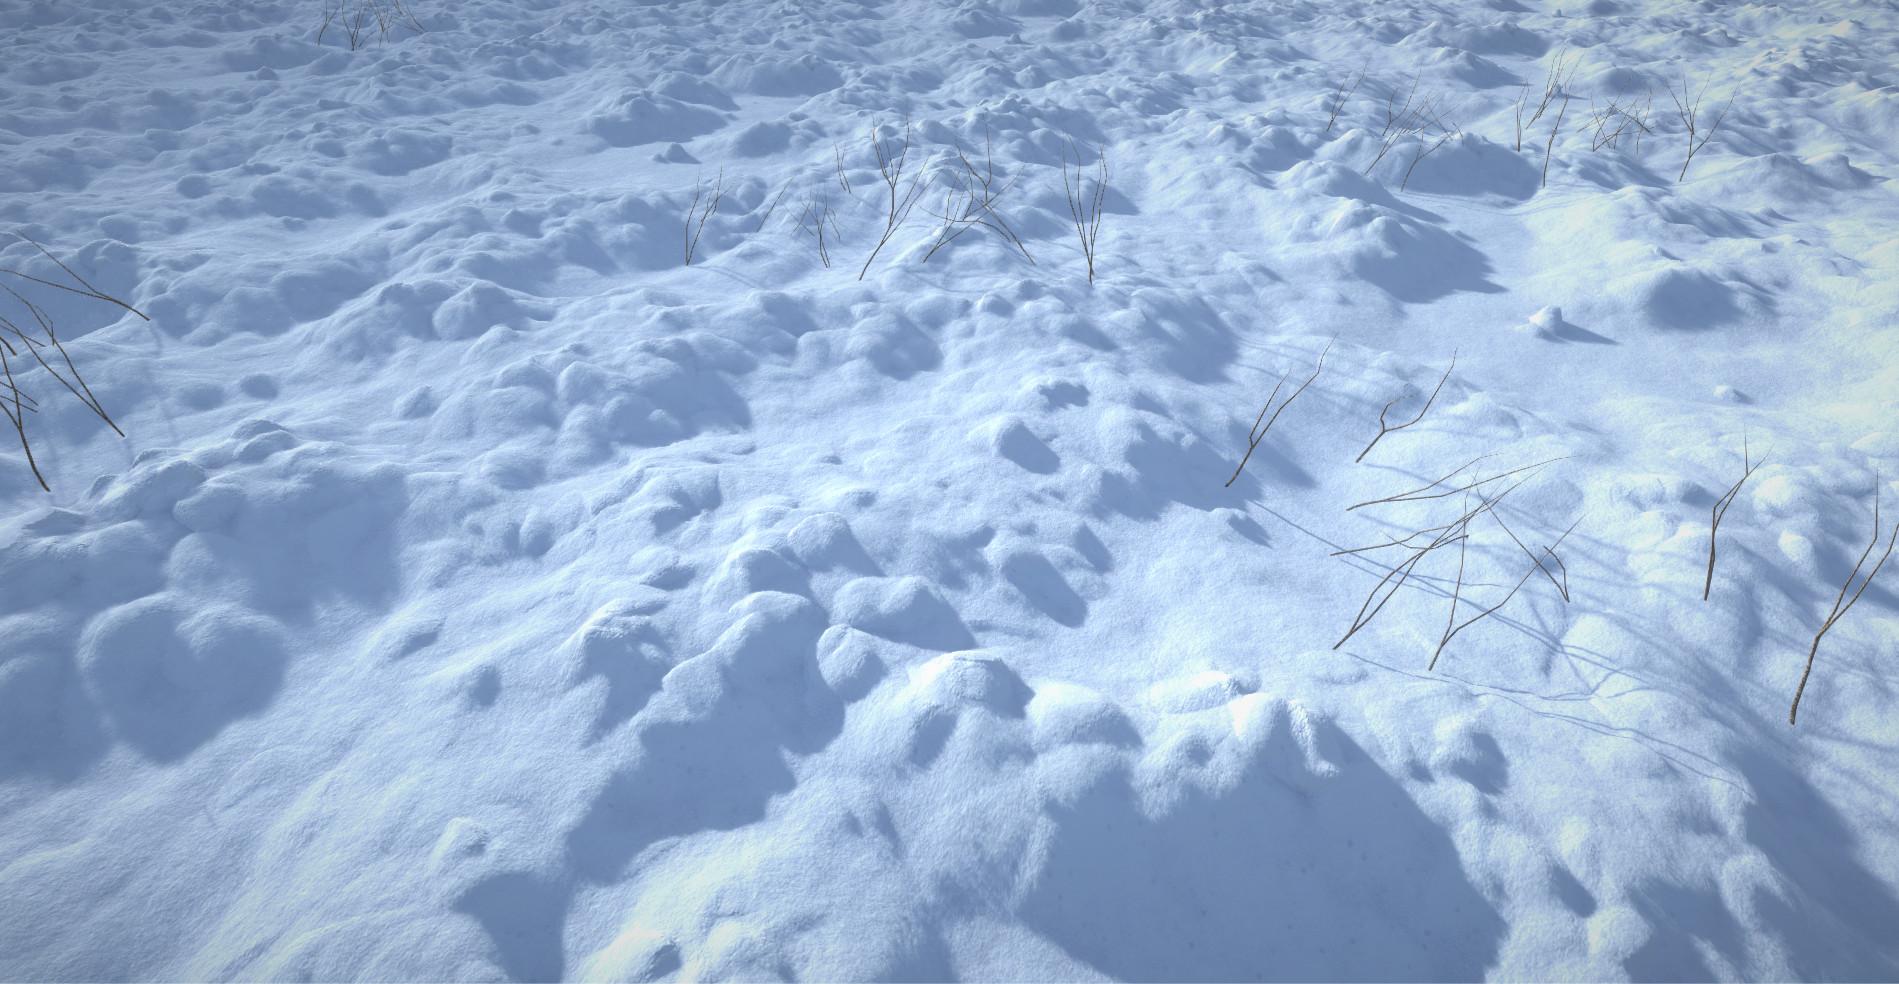 ArtStation - Big Snow Assets, Matty Wyett-Simmonds